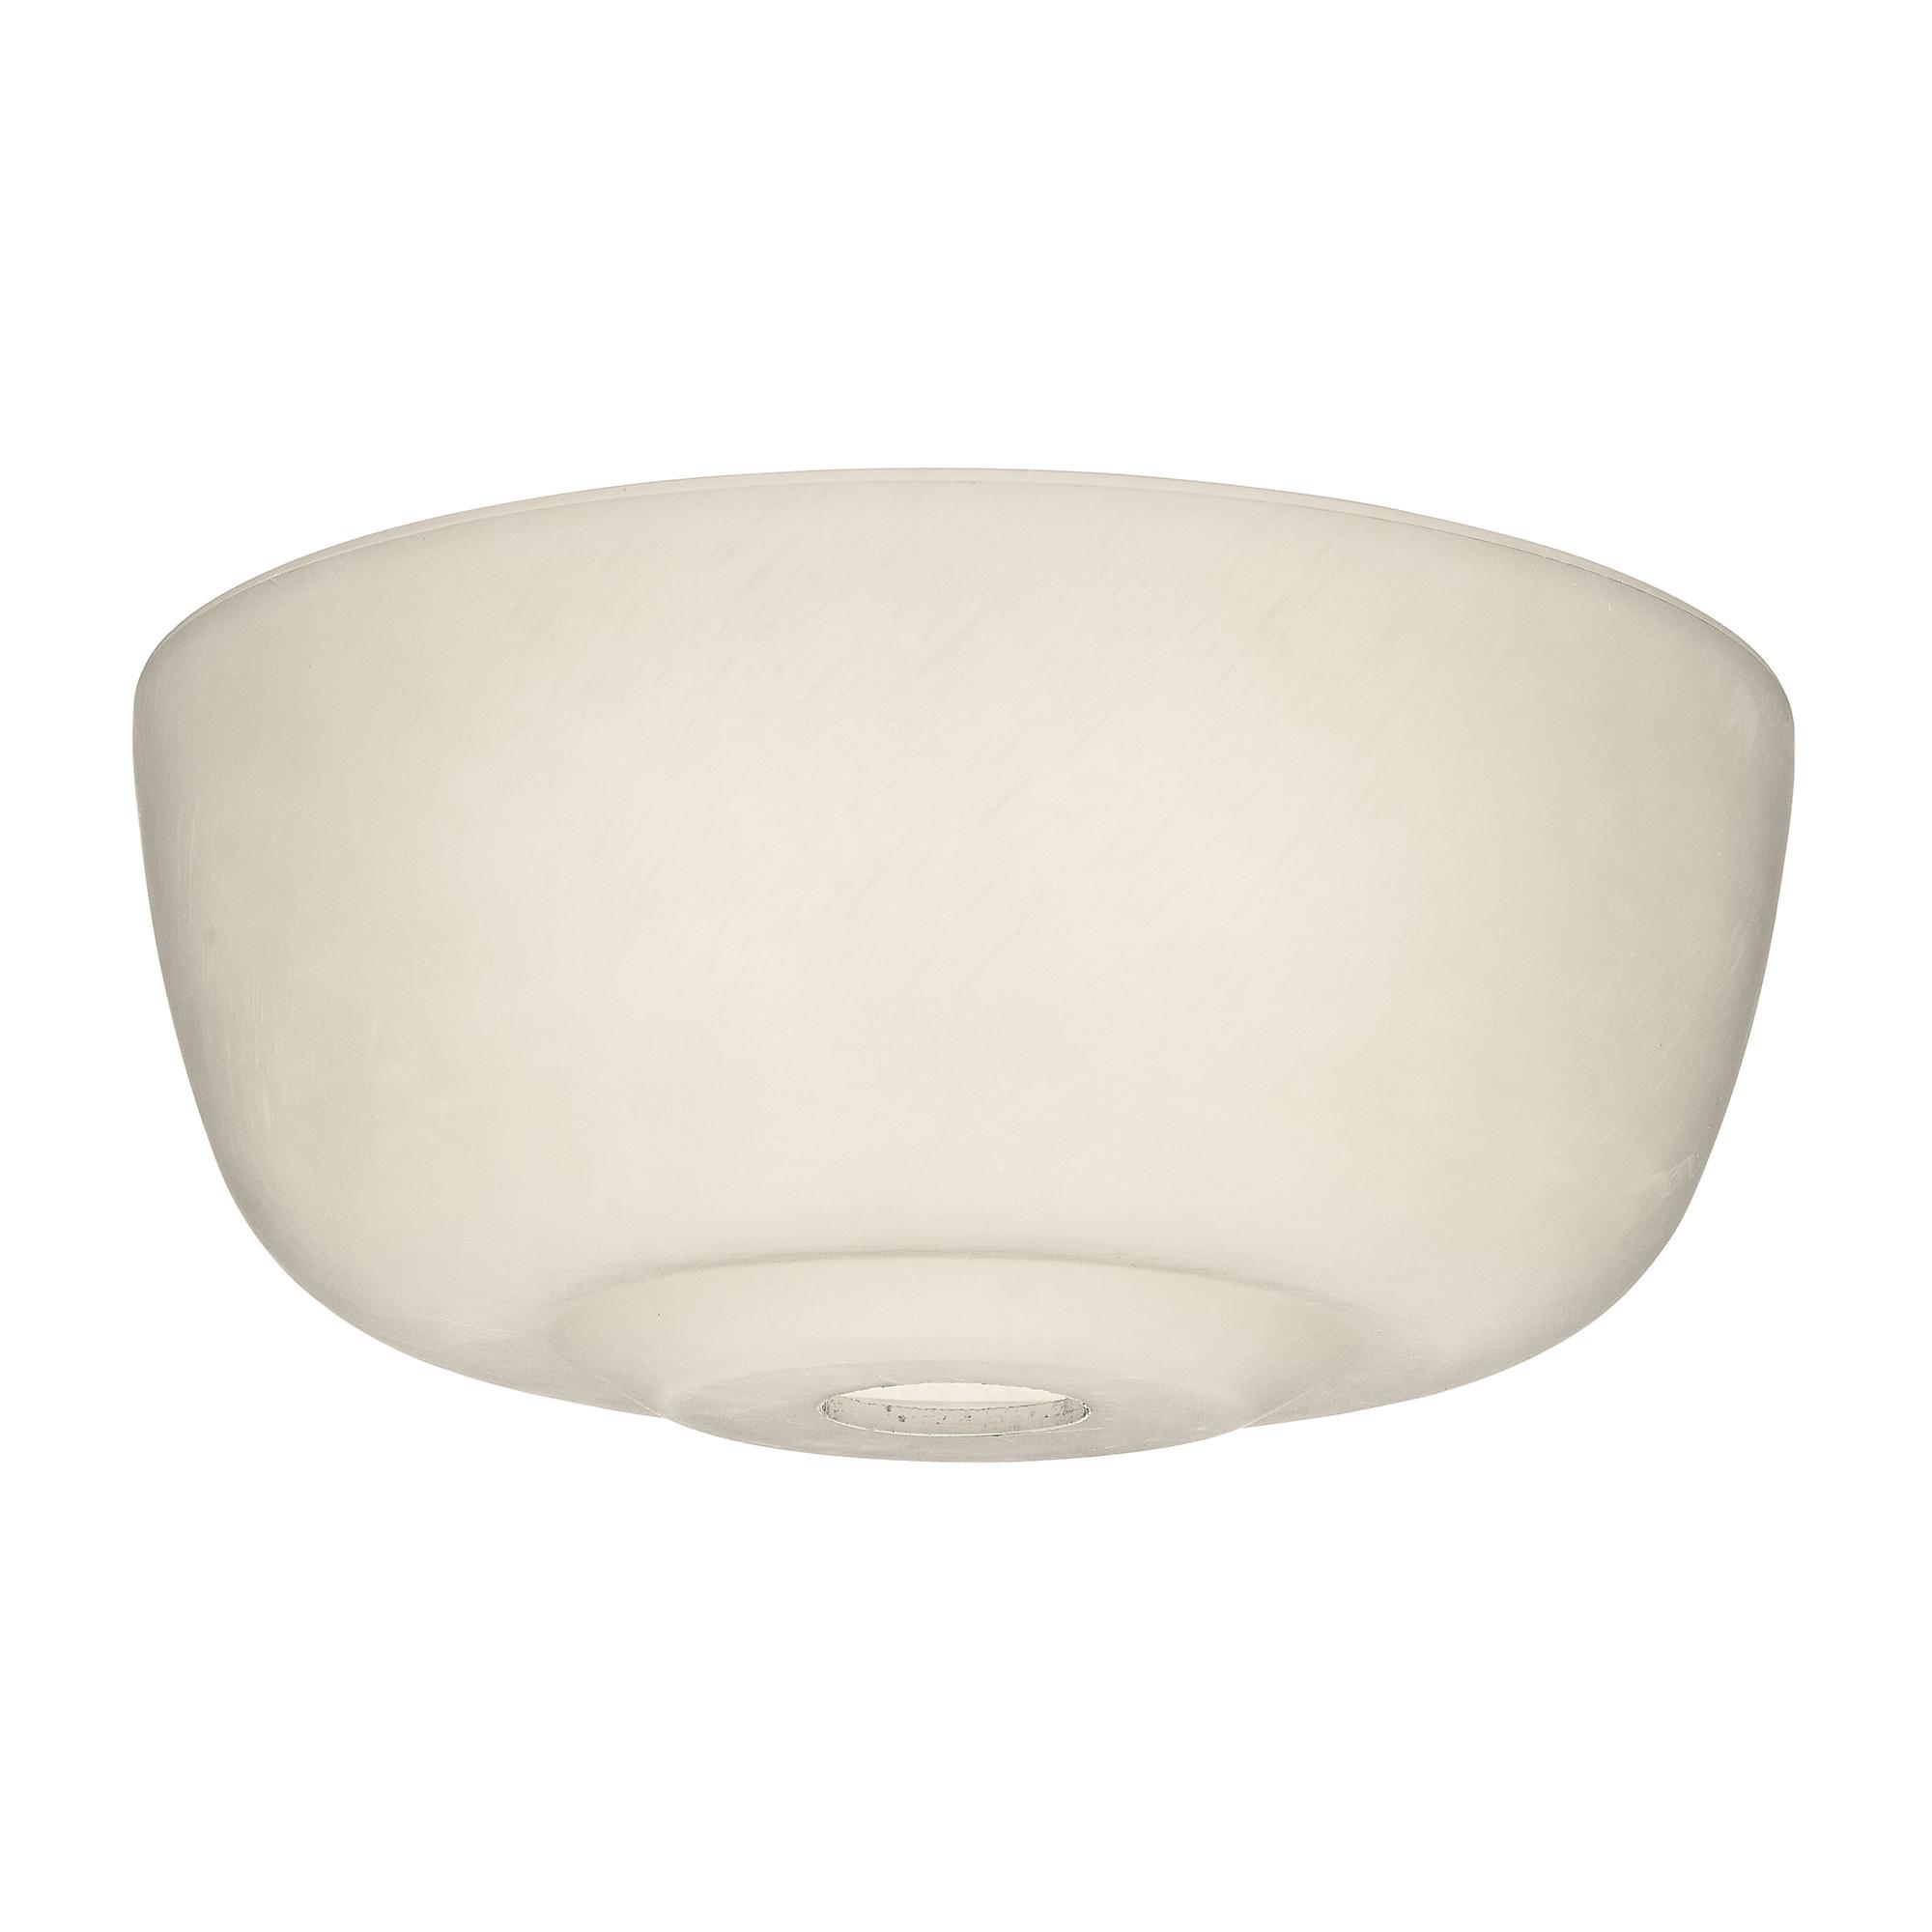 Casablanca Fan Company - 99059 - Cased White Glass Bowl